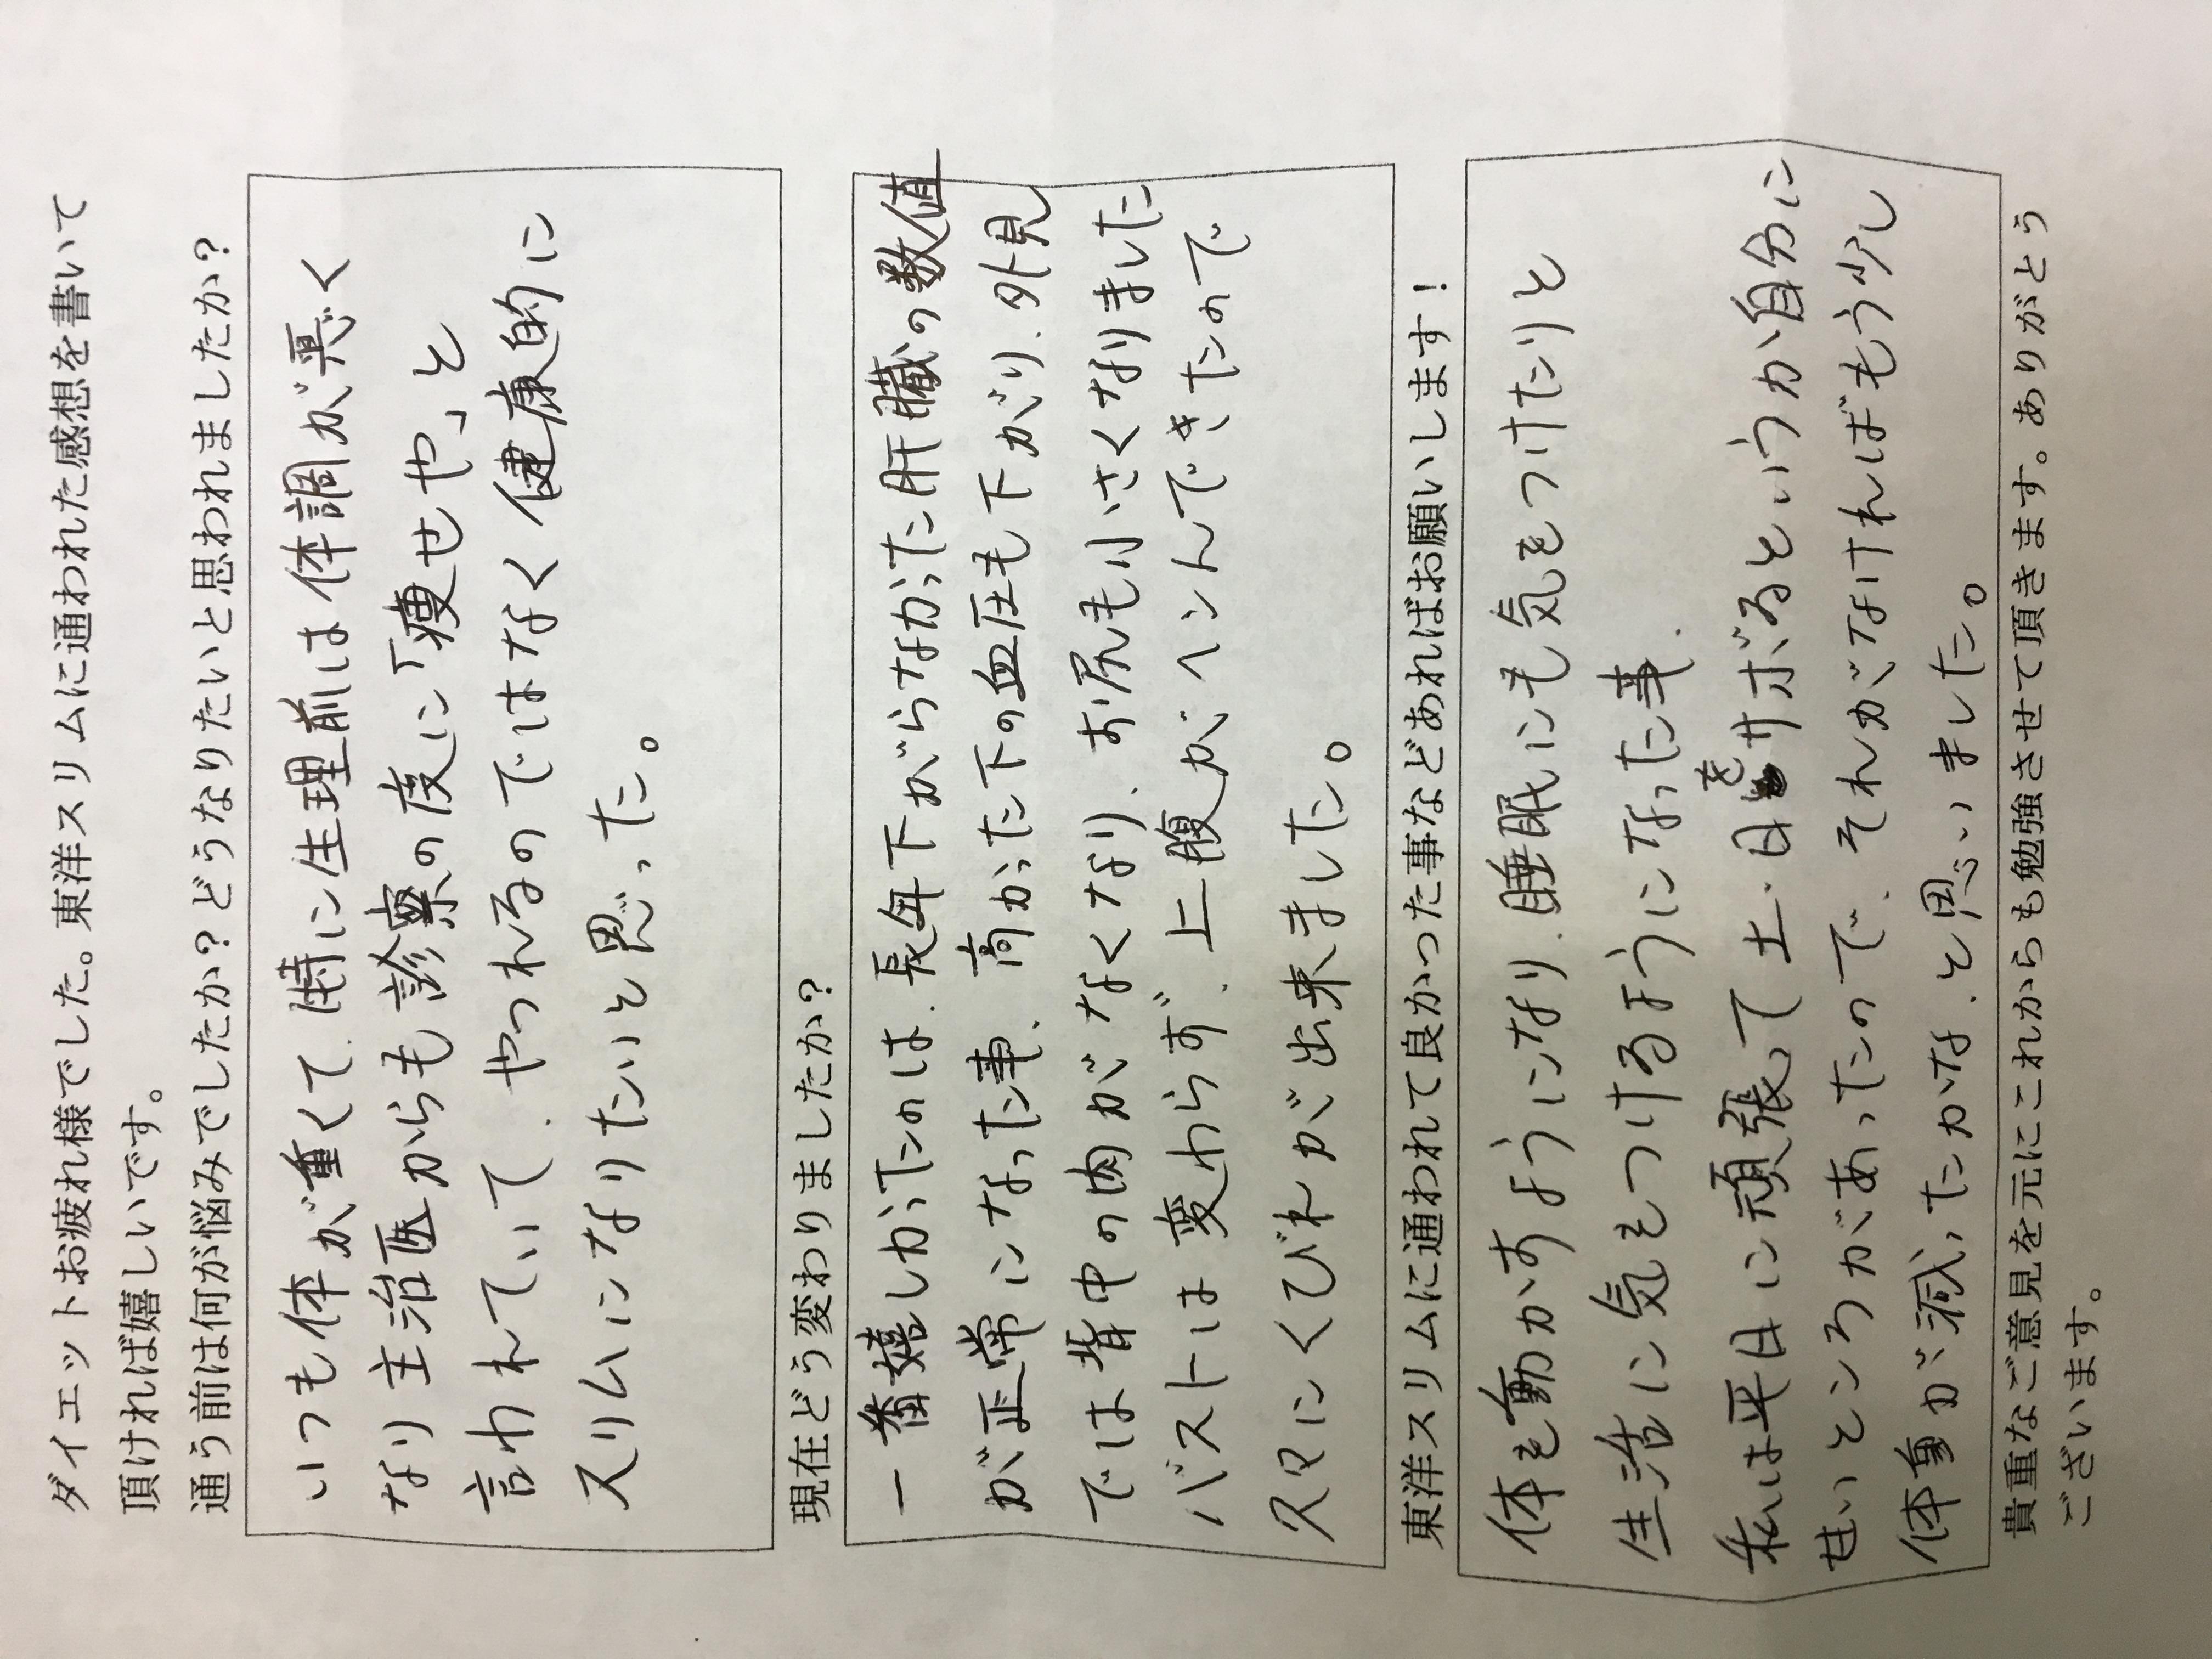 大阪市平野区Hさん56才 ー10kgダイエット成功